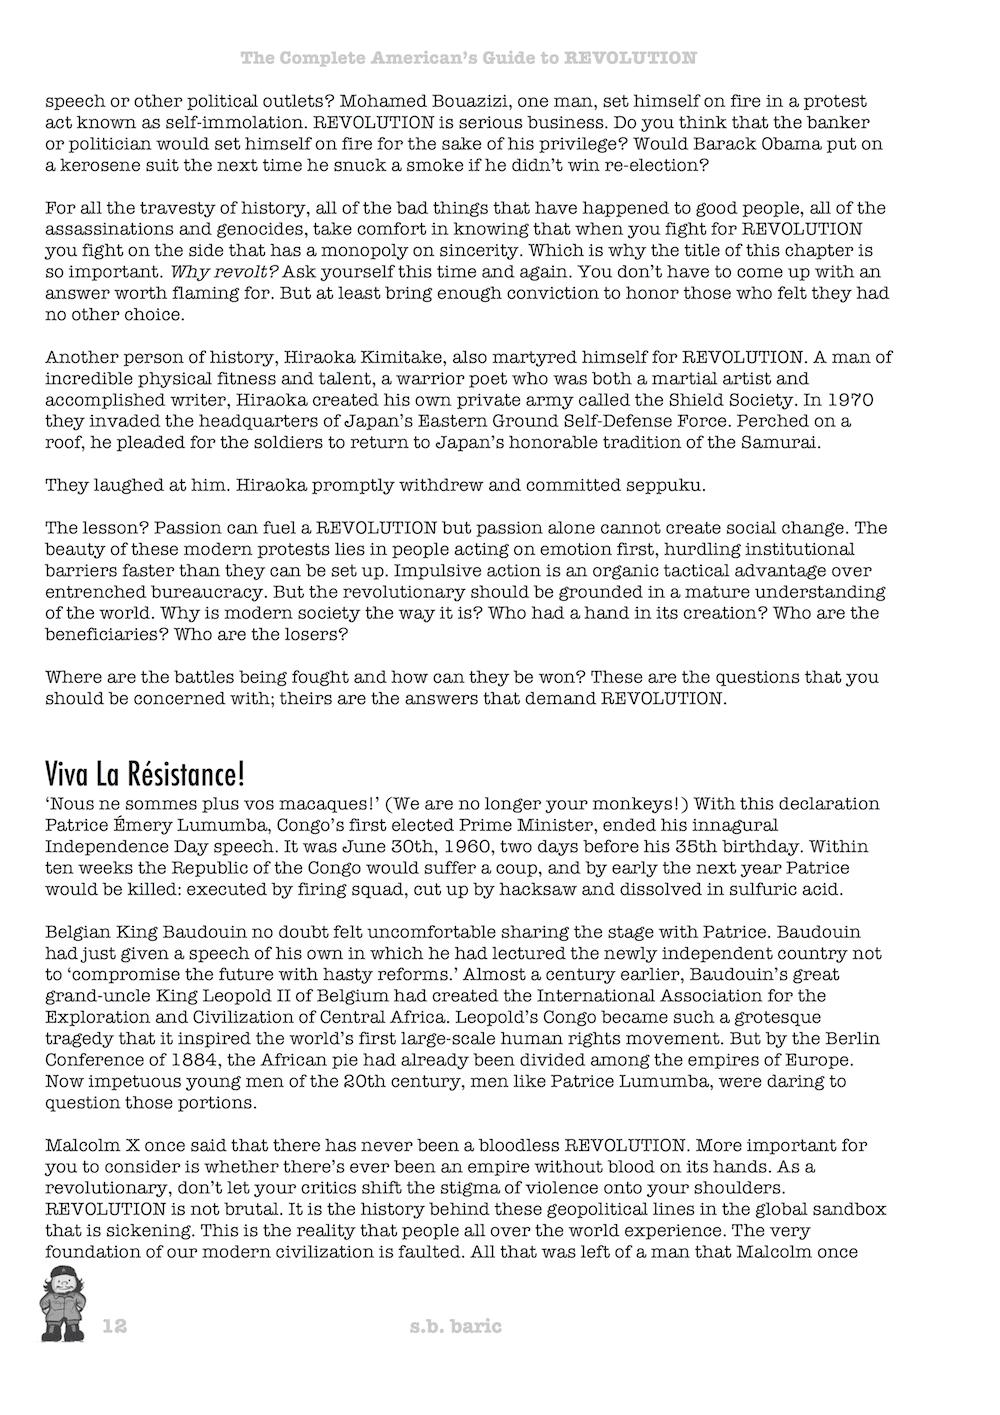 CAGR Ch 1 pg 13